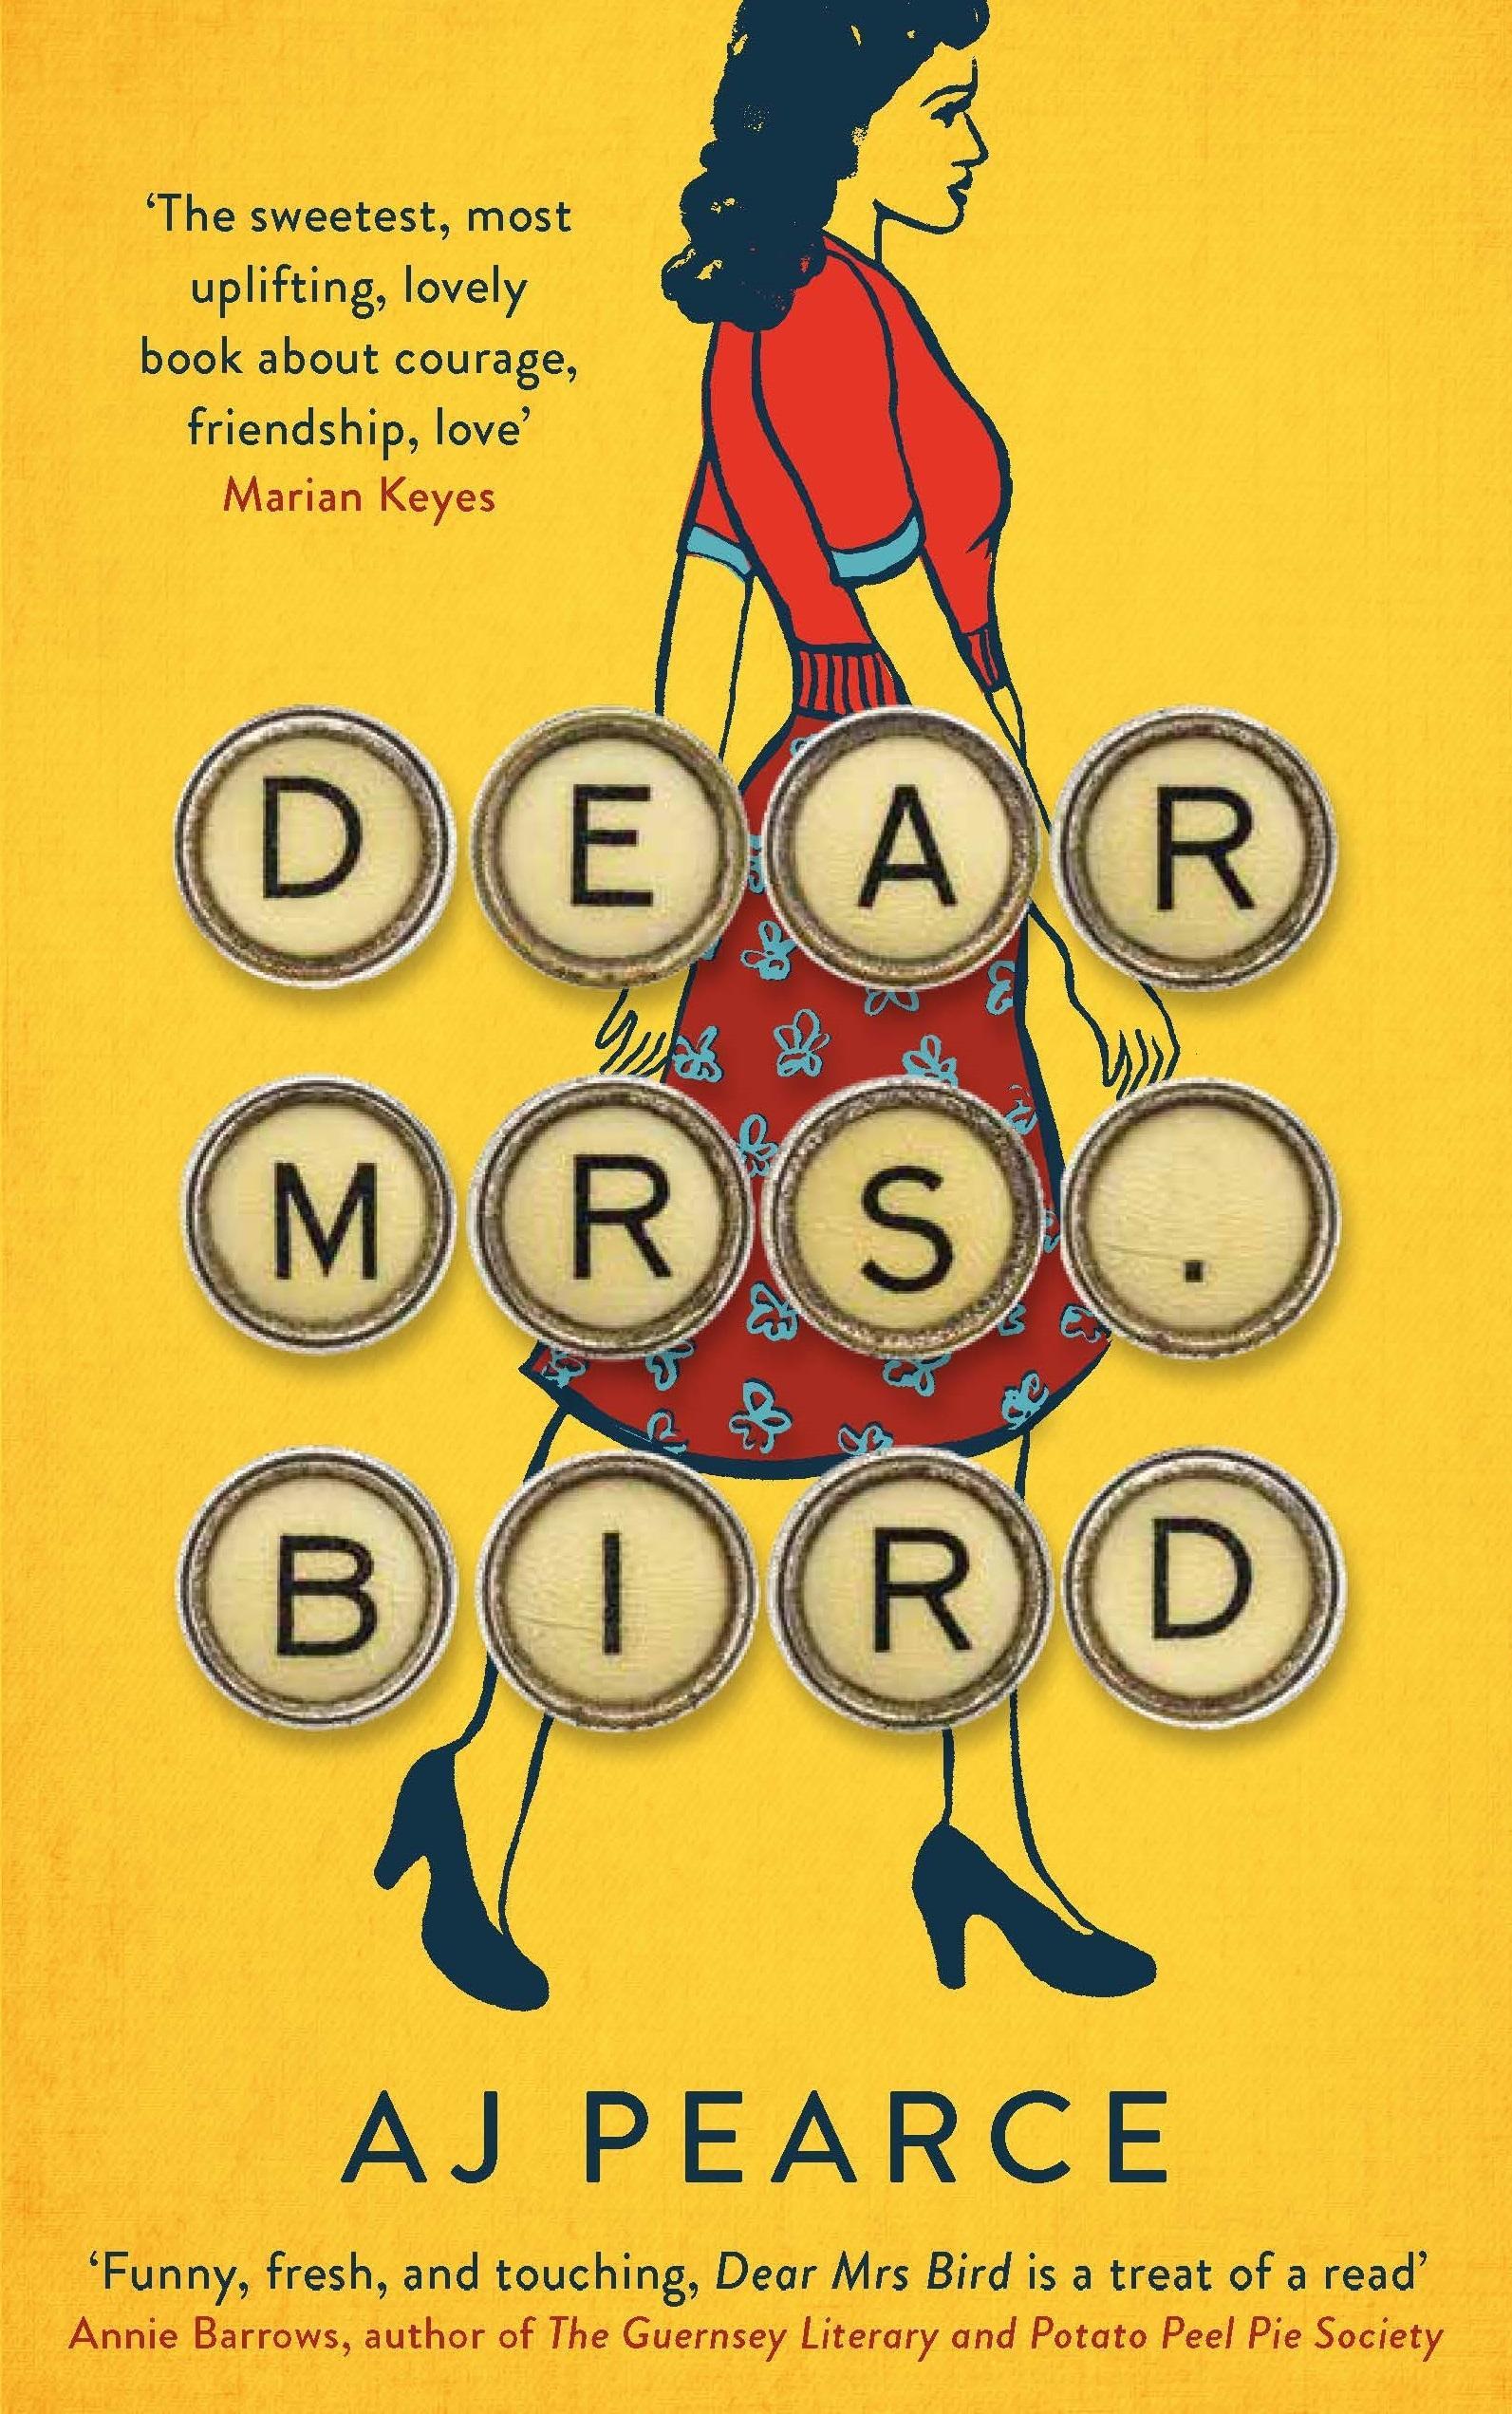 DearMrsBird